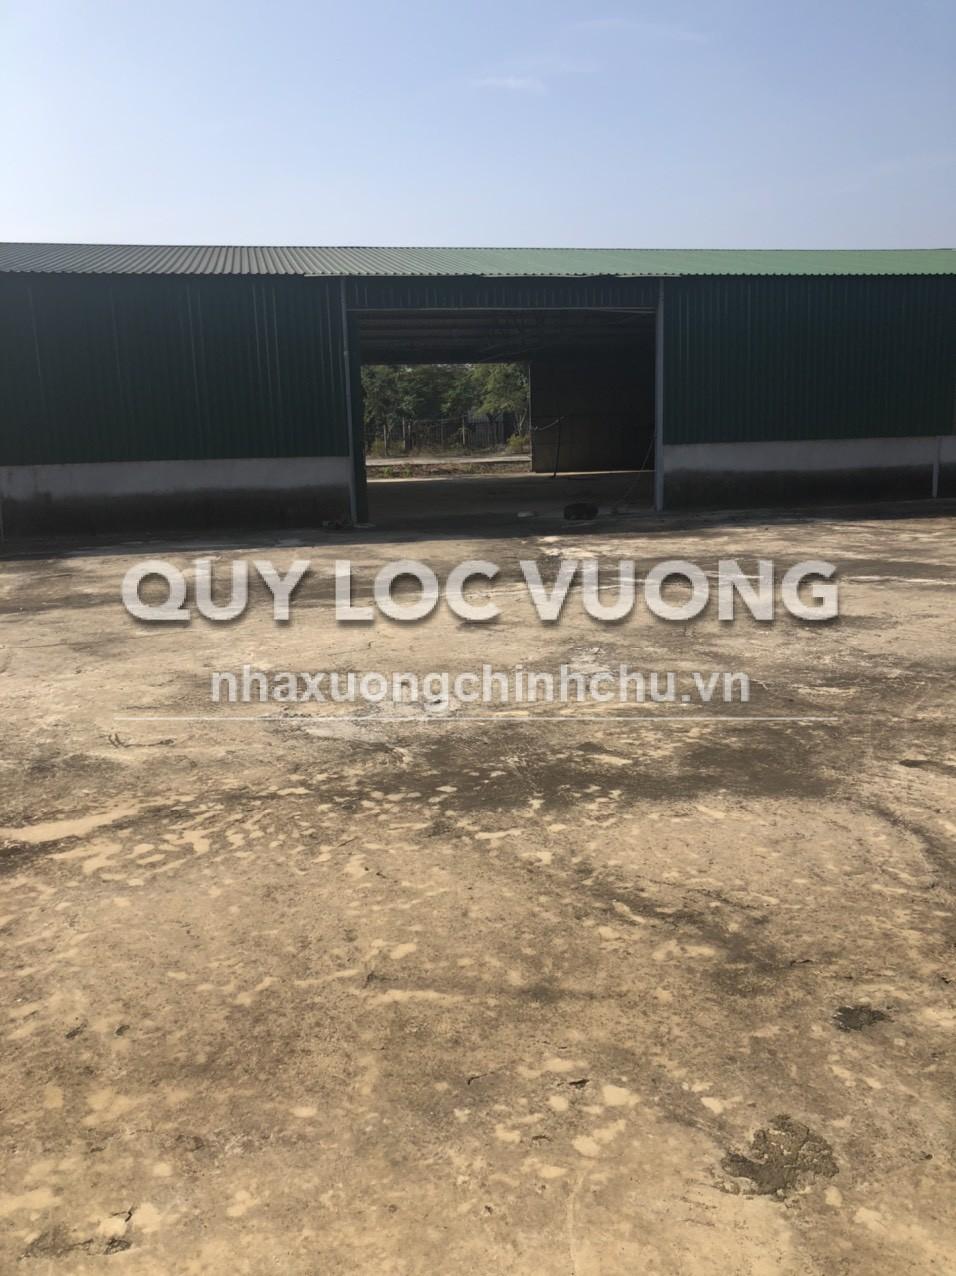 Cho thuê 2 nhà xưởng 3.000m2 trong KCN Định Quán Đồng Nai, có lò sấy